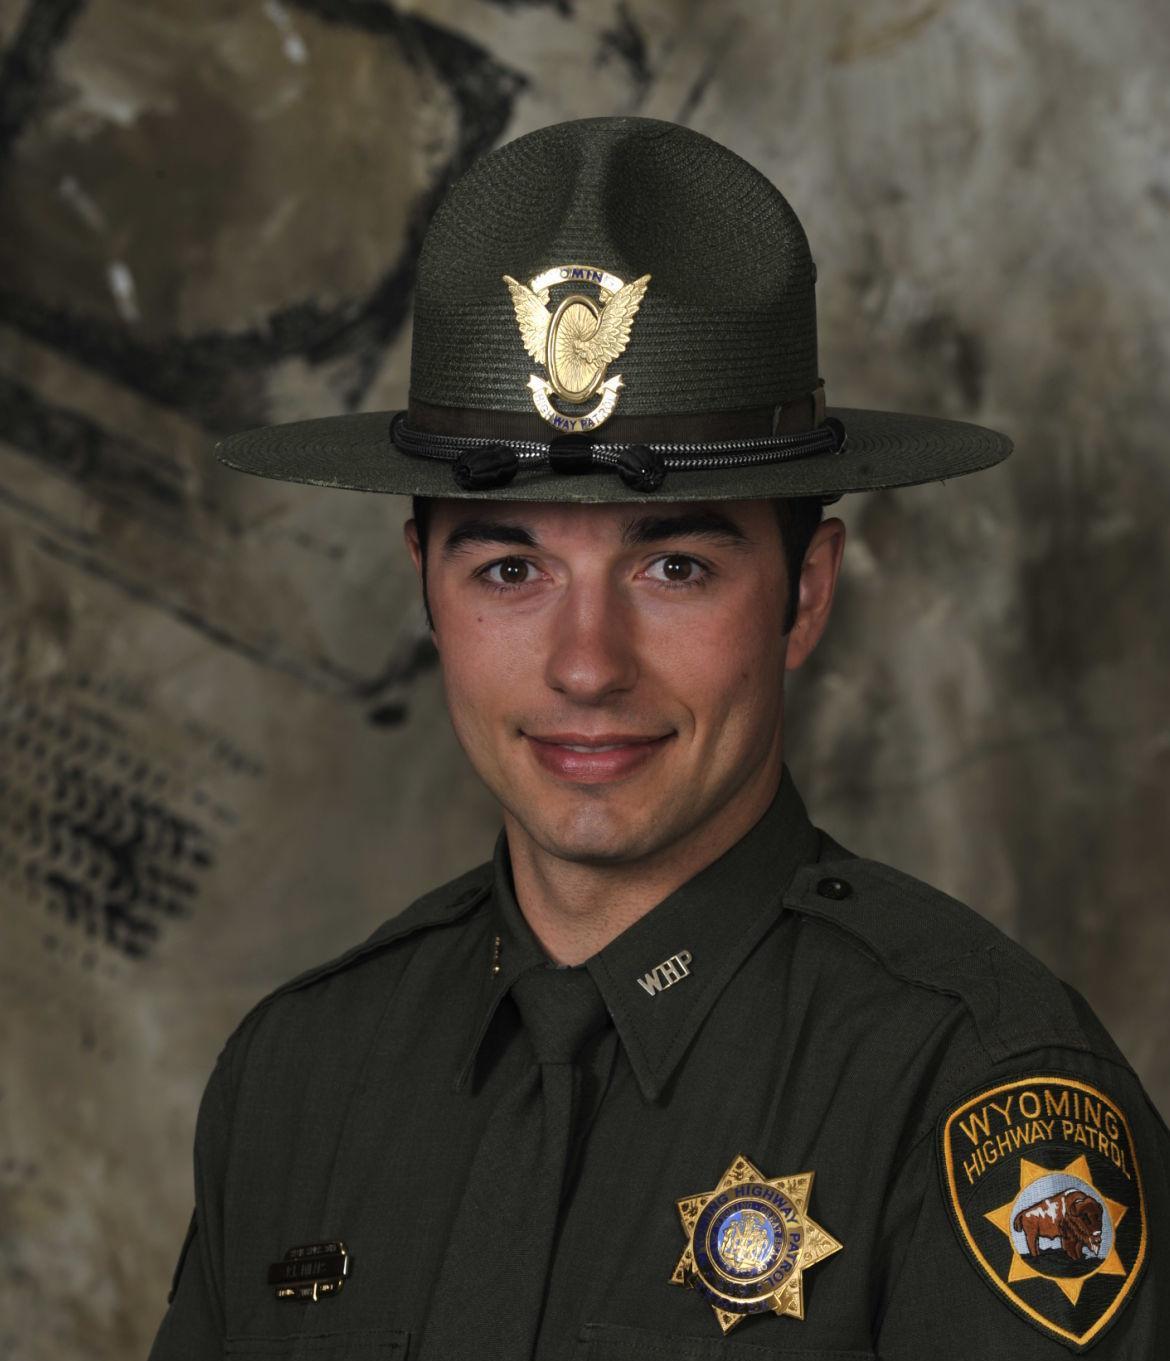 Trooper Rodney Miears